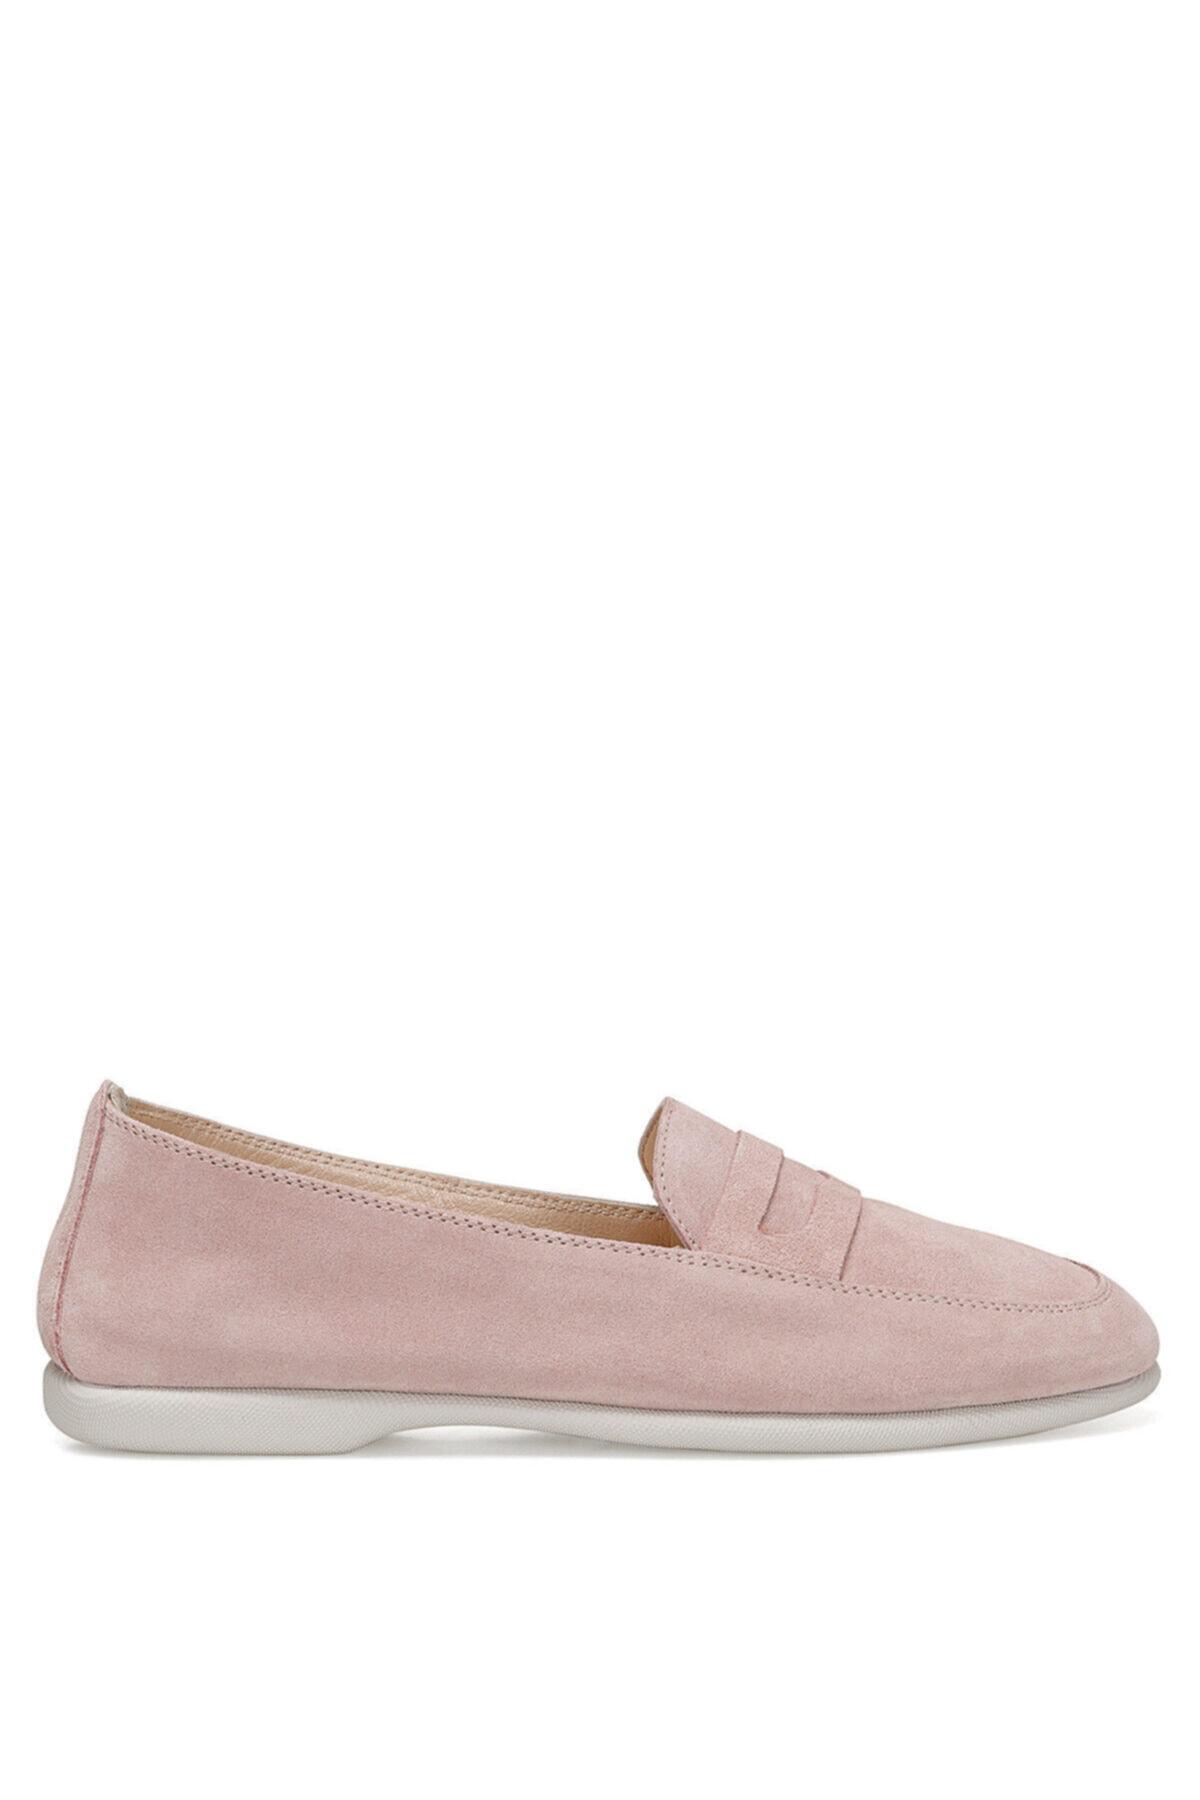 Nine West DARMELL Pembe Kadın Loafer Ayakkabı 100525992 1